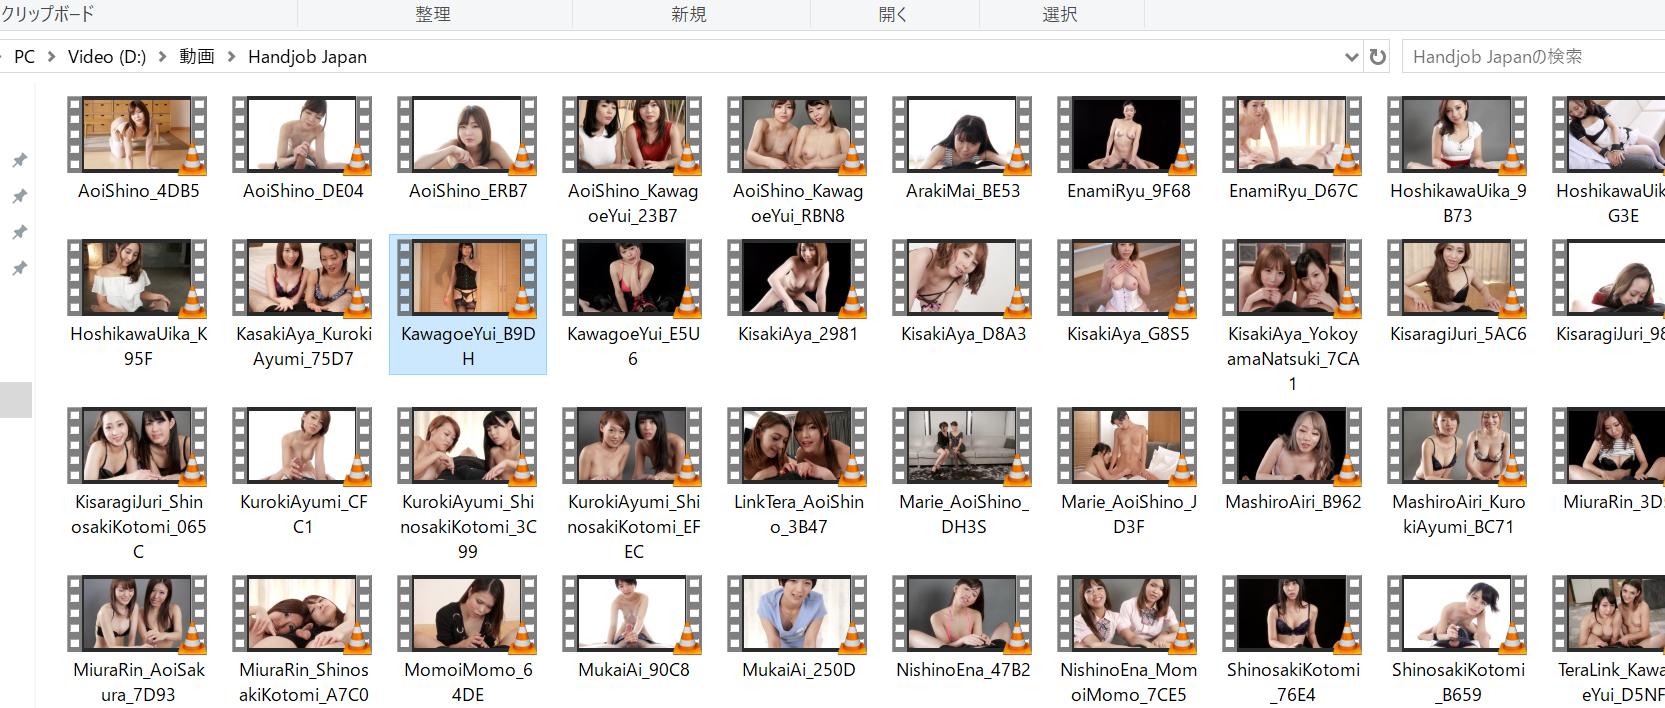 私が手コキニッポンの会員だった時にダウンロードした無修正エロ動画の一部